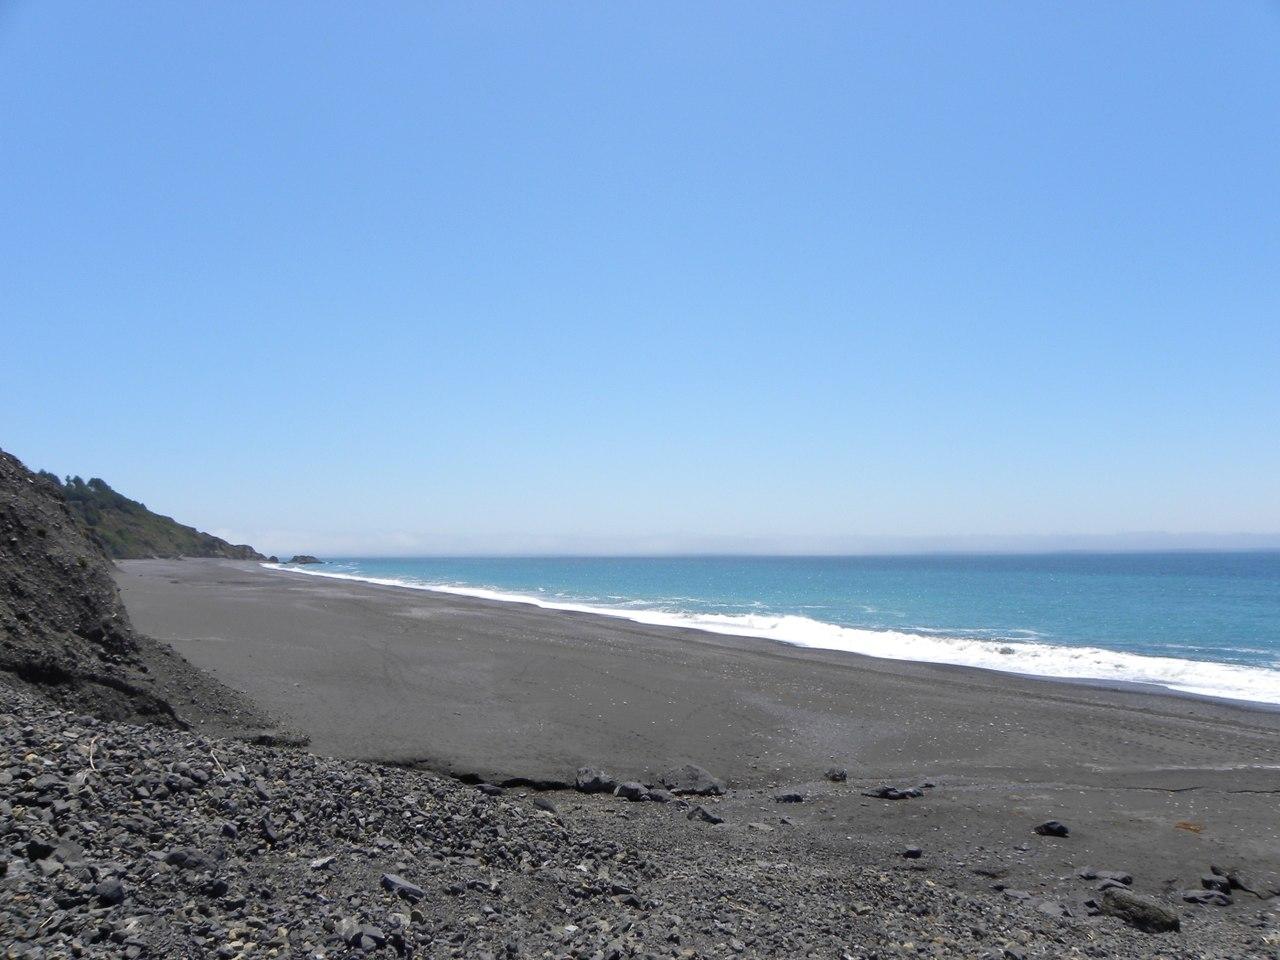 Top Beach Spot in California-Black Sands Beach, Shelter Cove